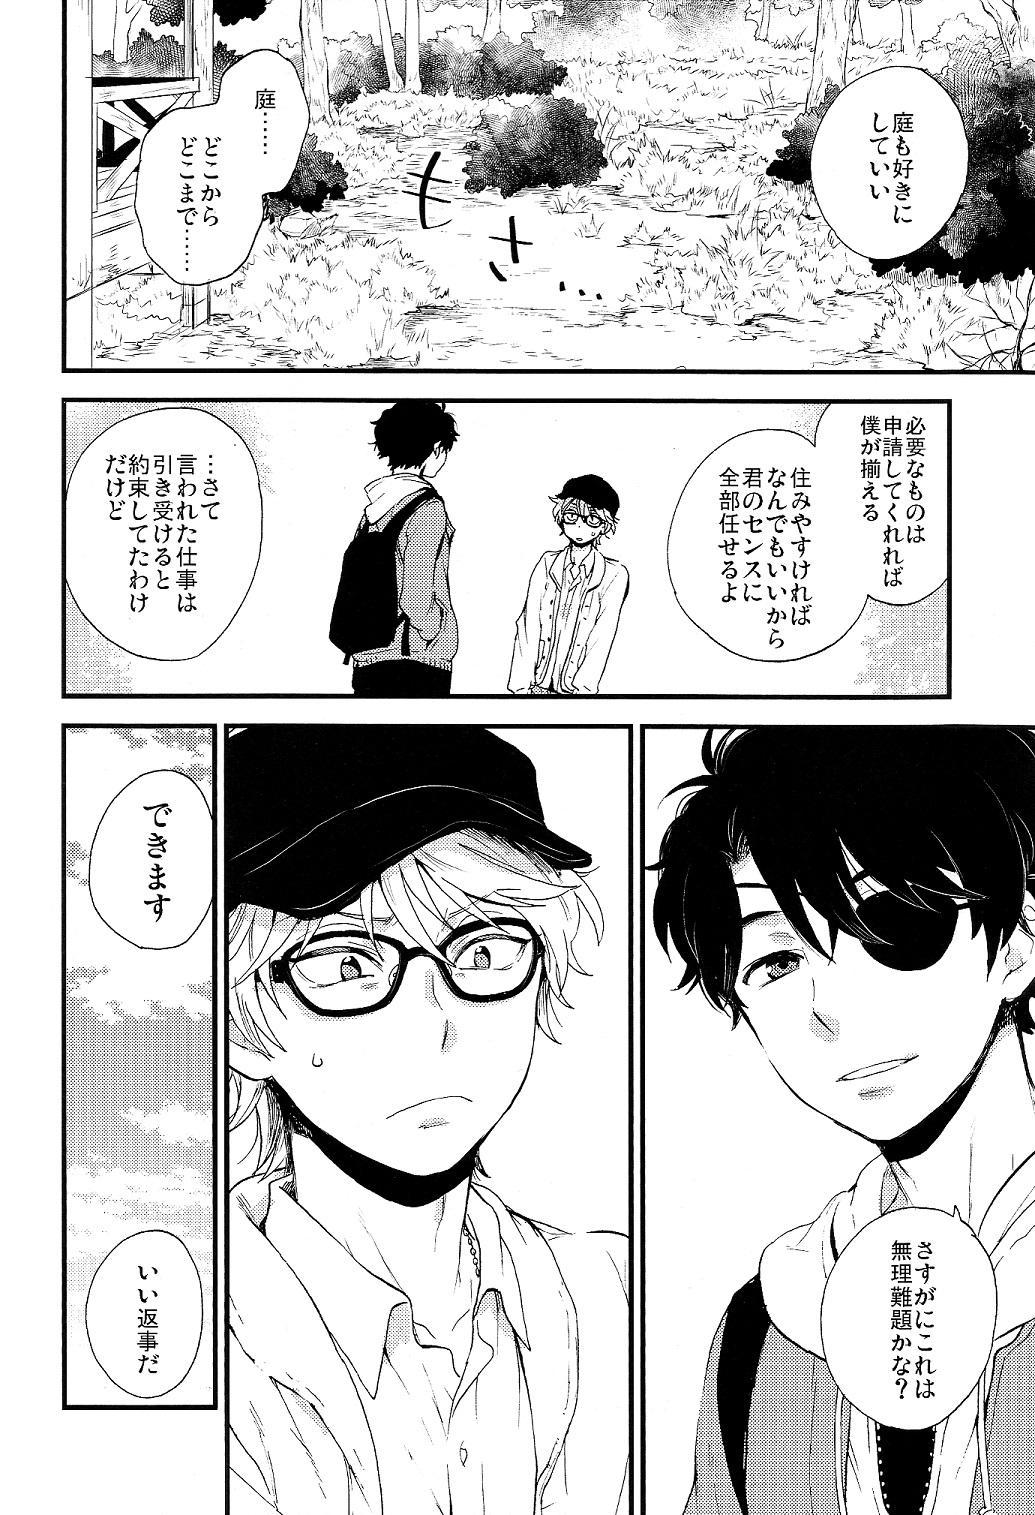 Hakoniwa Life 13